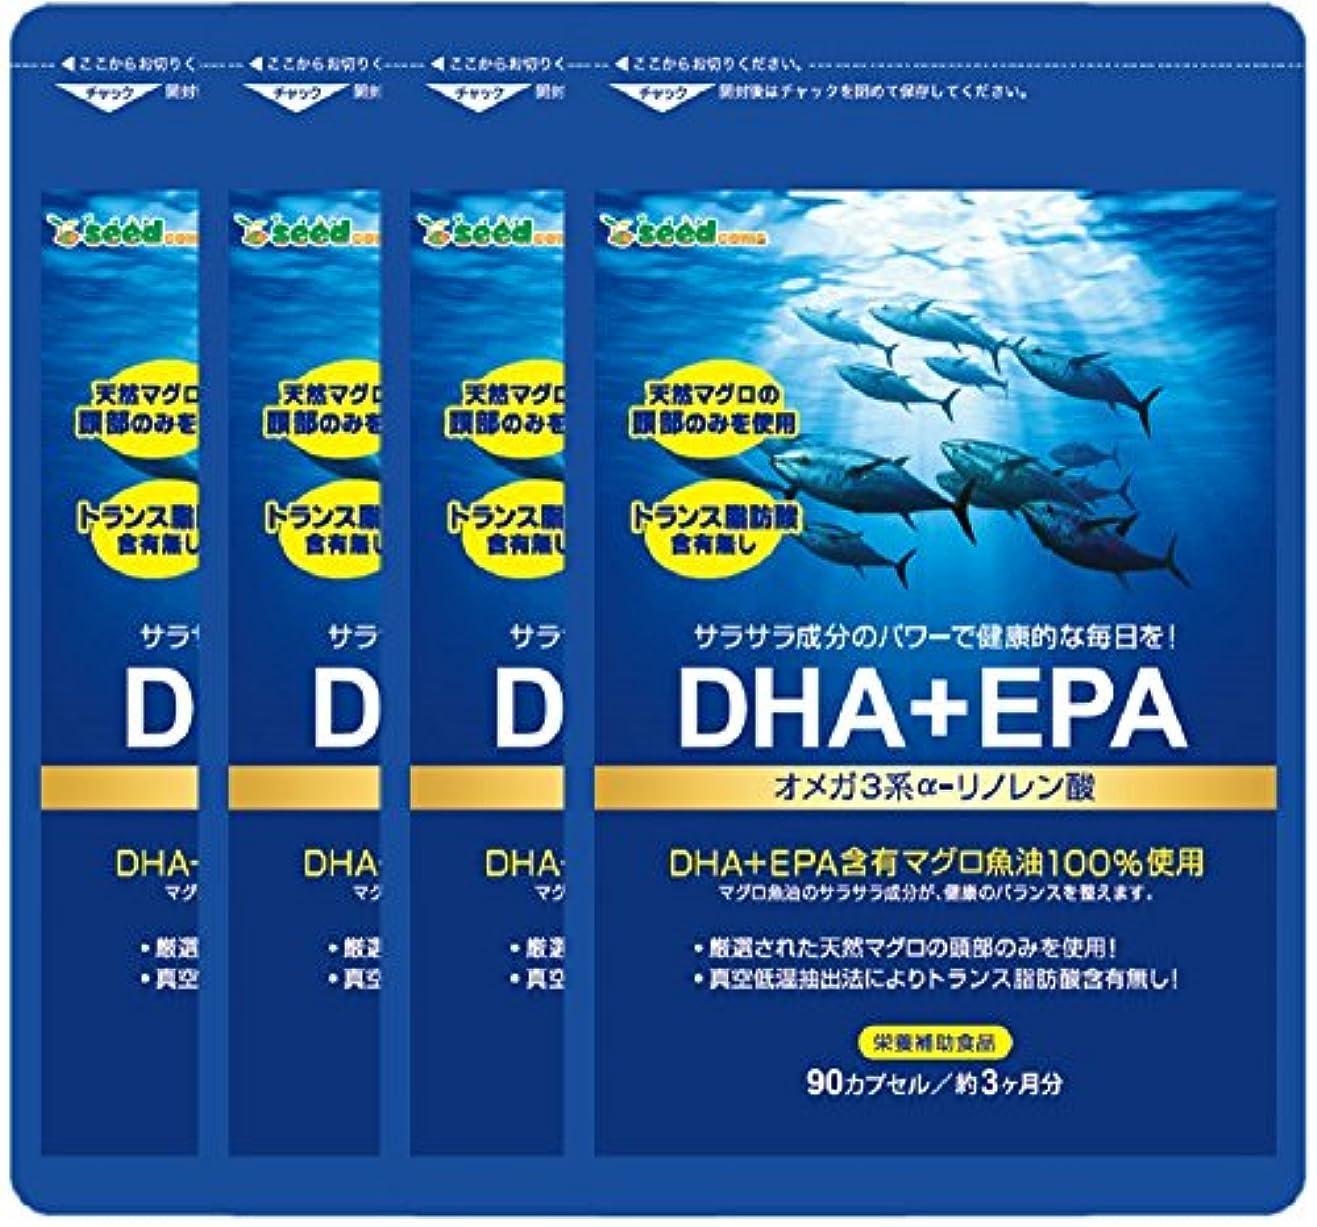 カレッジ名詞路面電車【 seedcoms シードコムス 公式 】DHA + EPA 約12ヶ月分/360粒 ビンチョウマグロの頭部のみを贅沢に使用!トランス脂肪酸0㎎